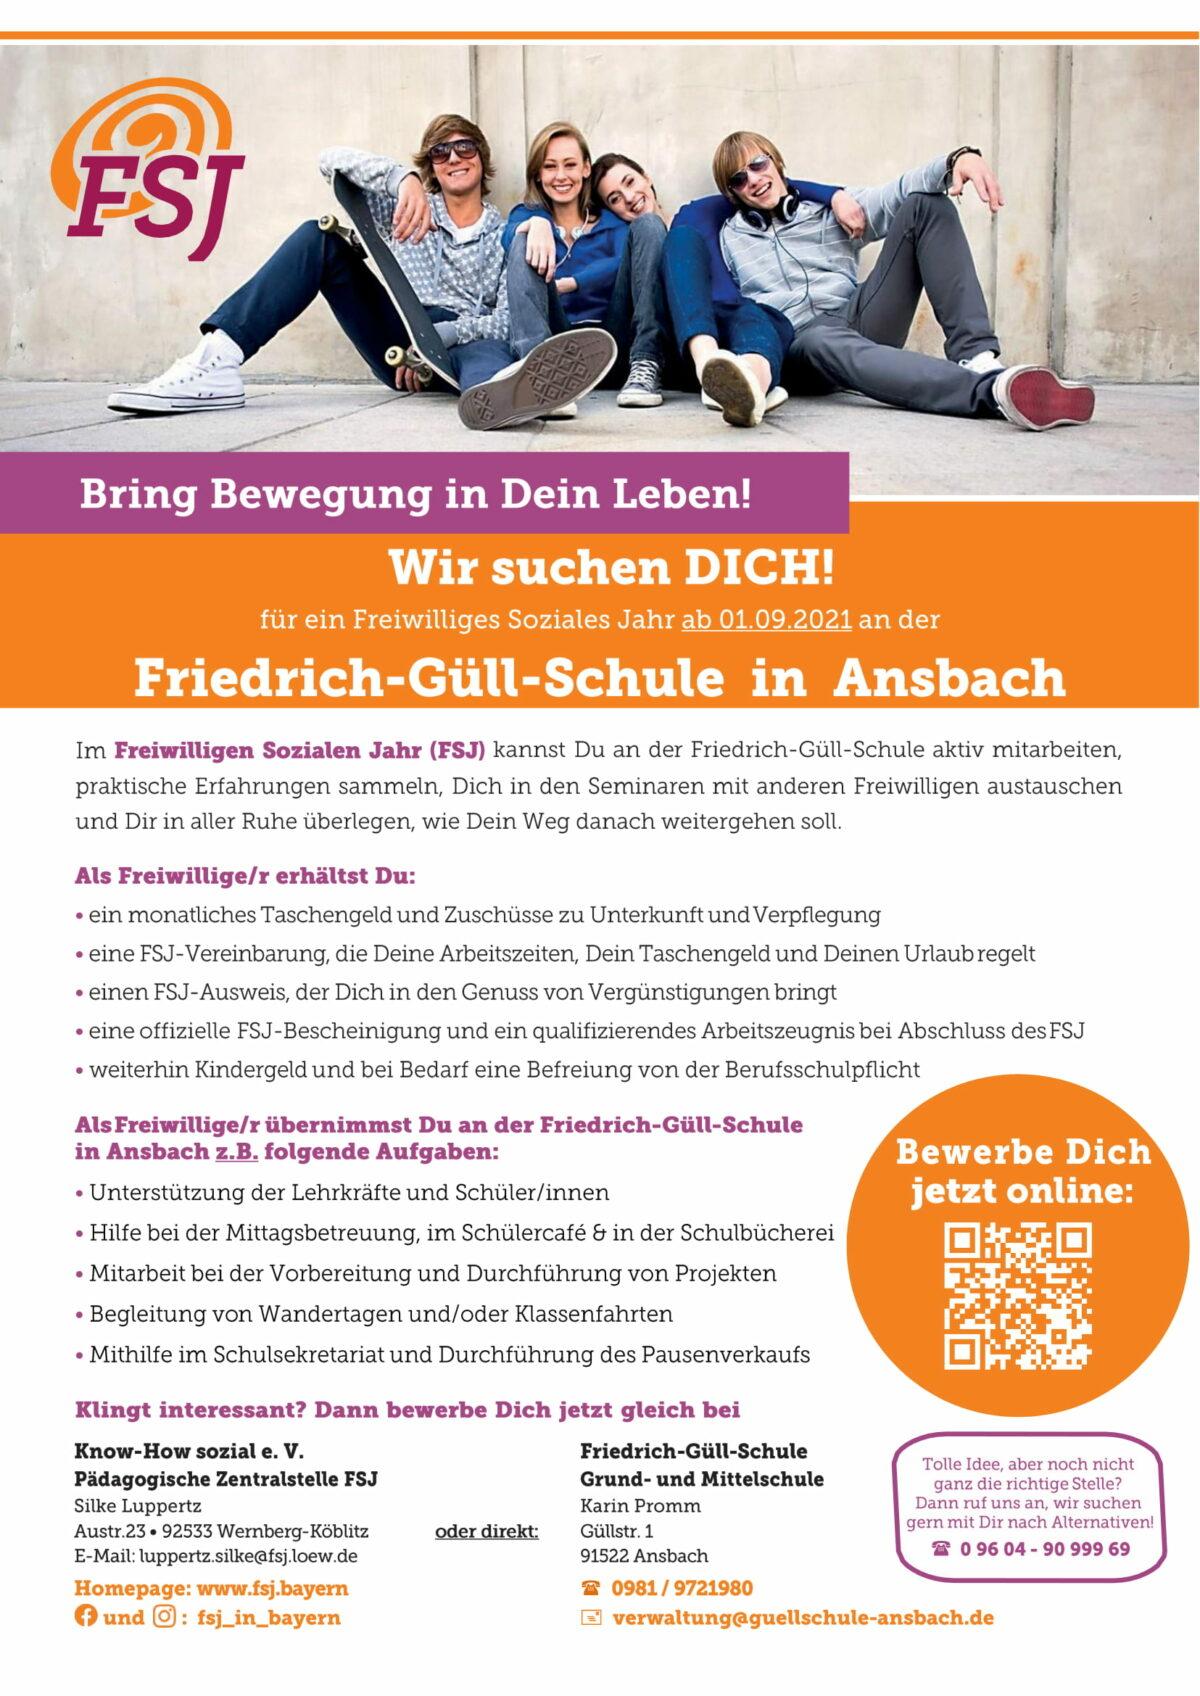 Freiwilliges Soziales Jahr (FSJ) an der Friedrich-Güll-Schule